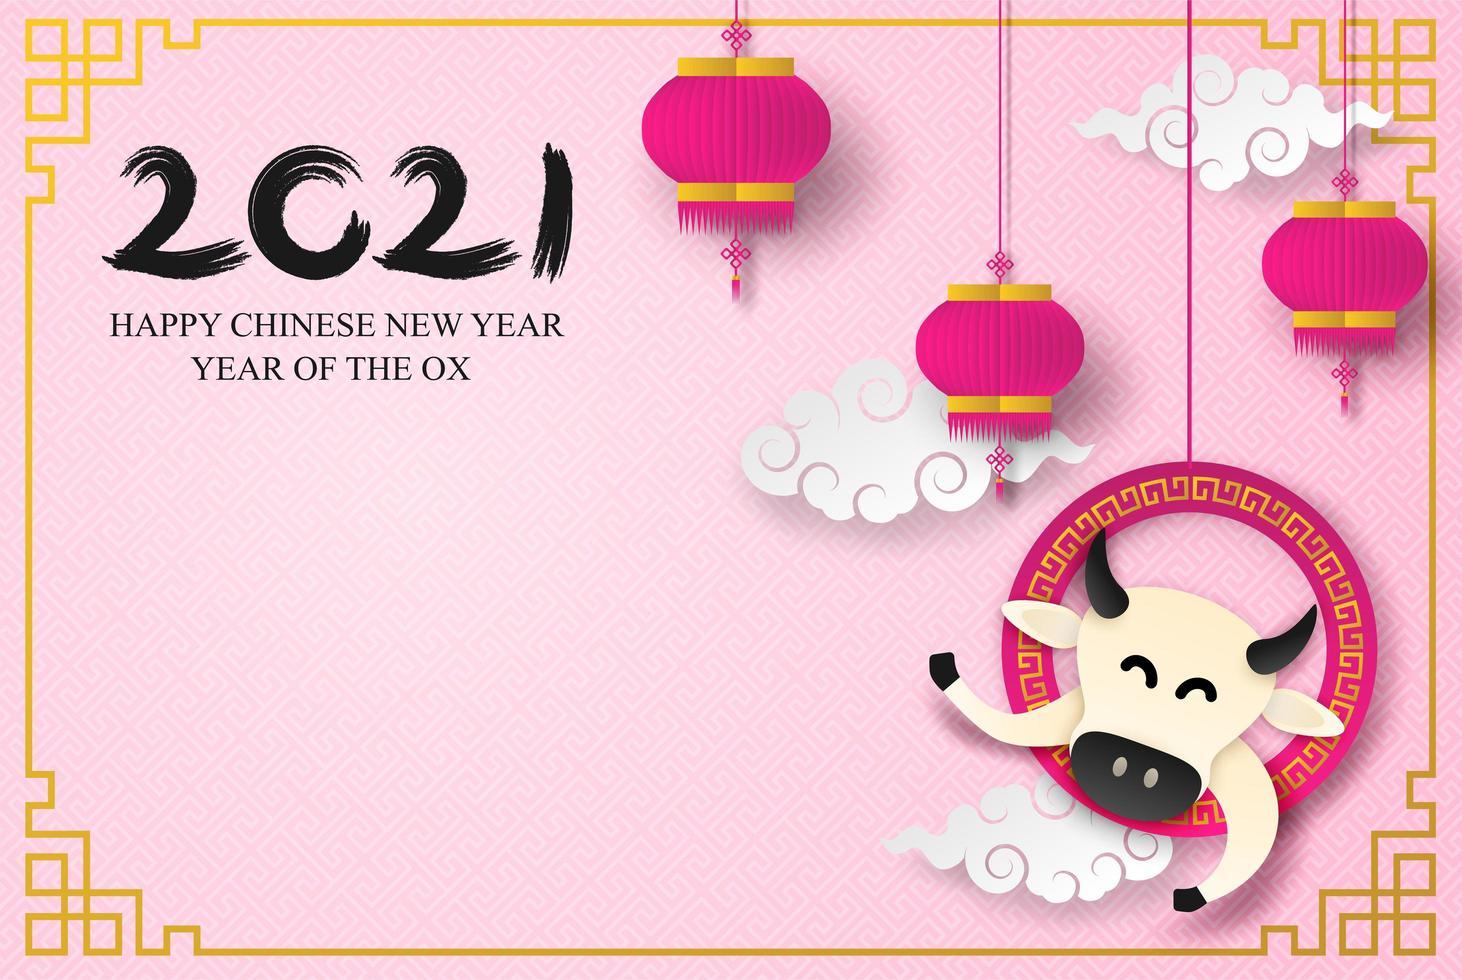 Papierschnitt chinesisches Neujahrsdesign mit rosa Laternen vektor